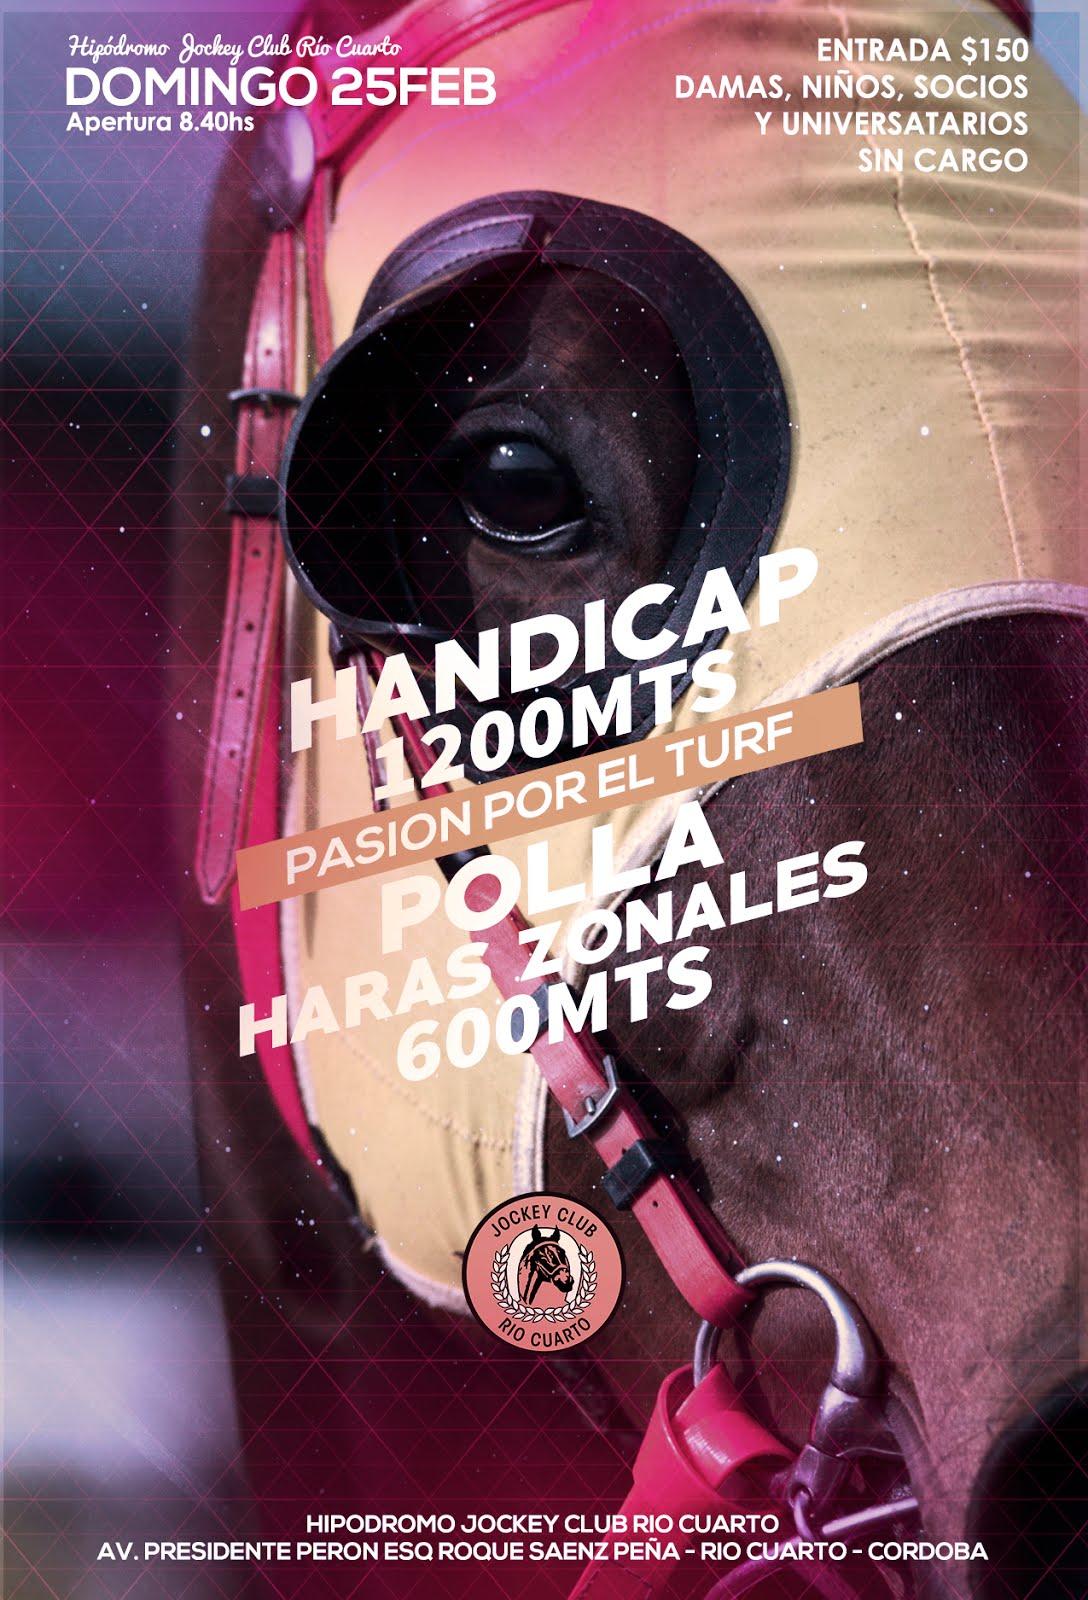 25 de febrero / La segunda del año / Jockey Club Río Cuarto